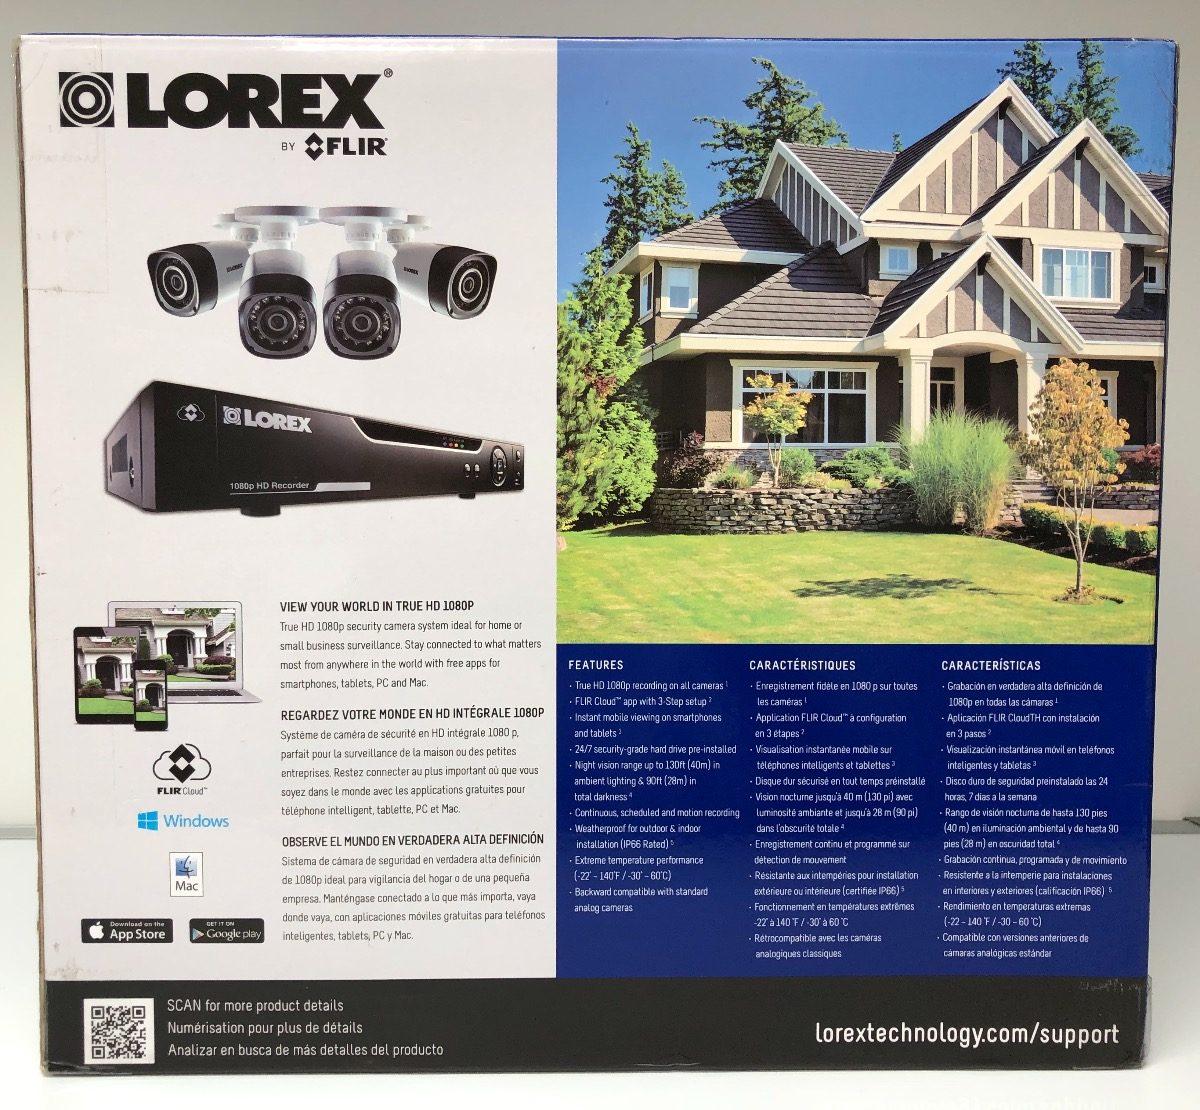 4 Camaras 1080p Lorex Sistema De Seguridad 4 Canales Hd 1 Tb